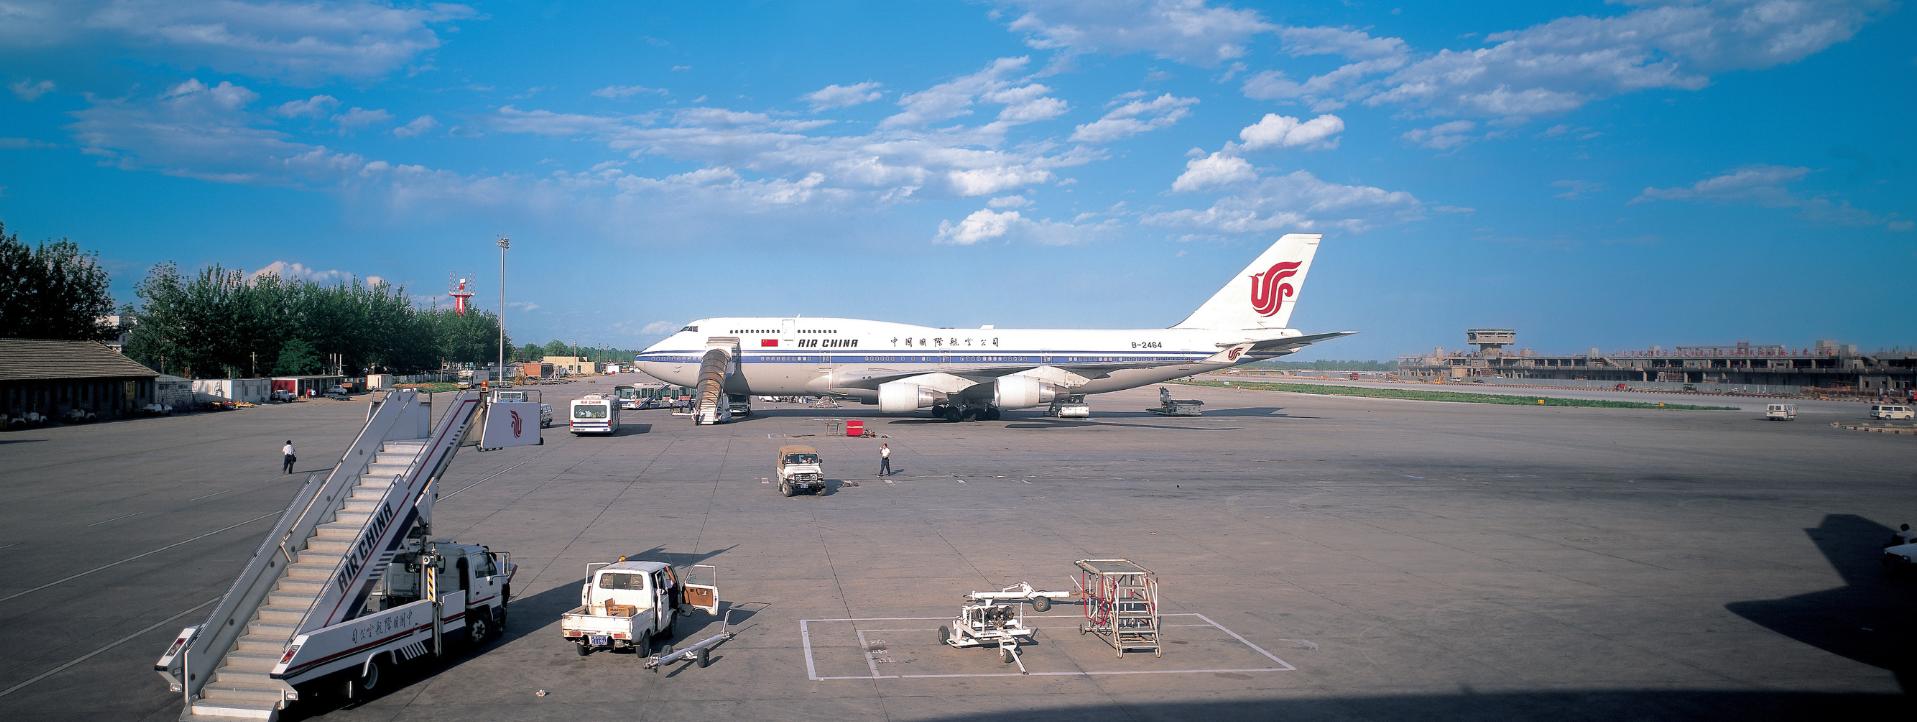 機場空運,機場空運,航空貨運,國內空運,廣州機場貨運